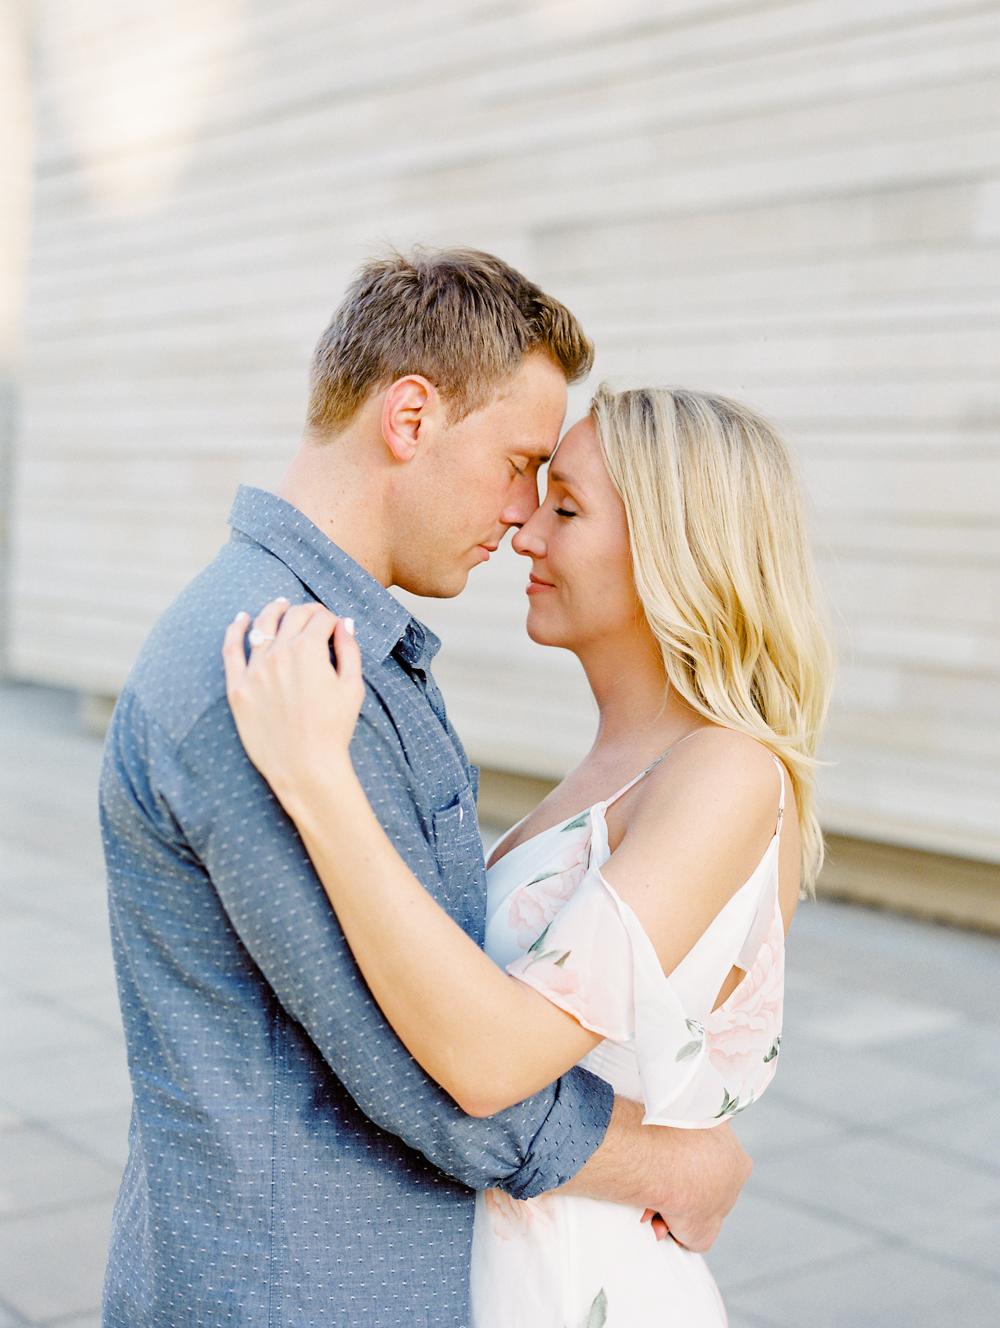 Best-Austin-Denver-California-Wedding-Photographers-fine-art-film-Engagement-Session-62.jpg